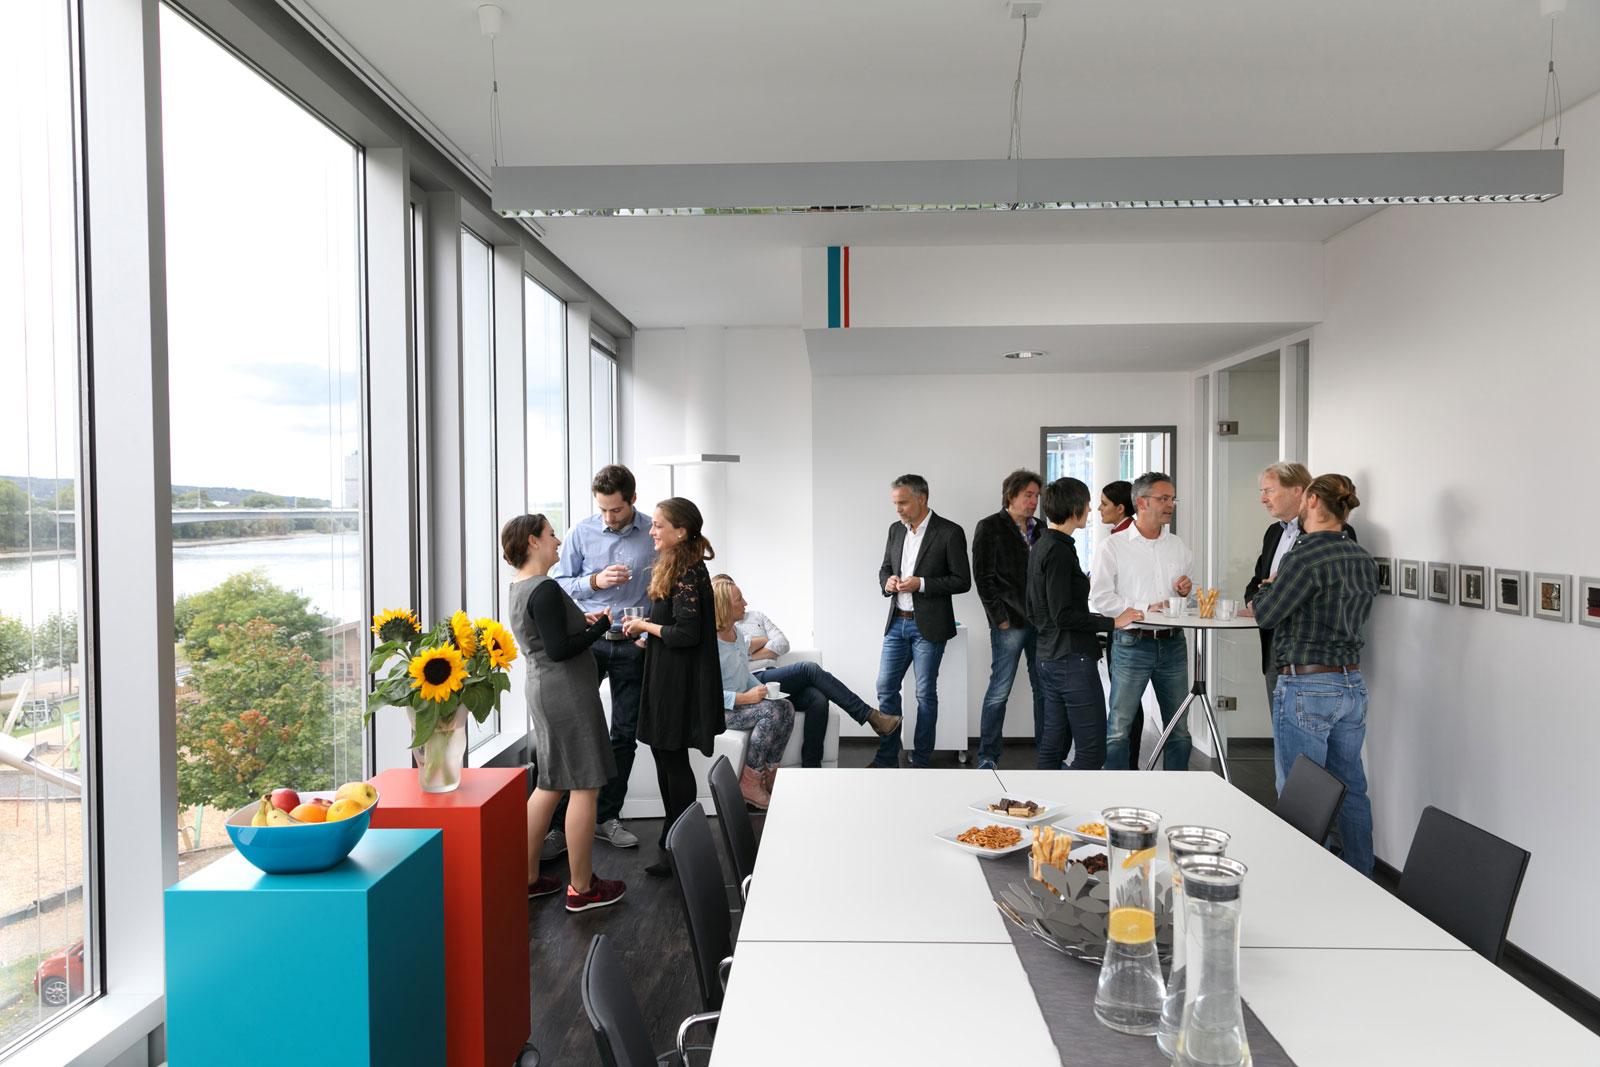 Bonn Workshop Raum am Bonner Bogen